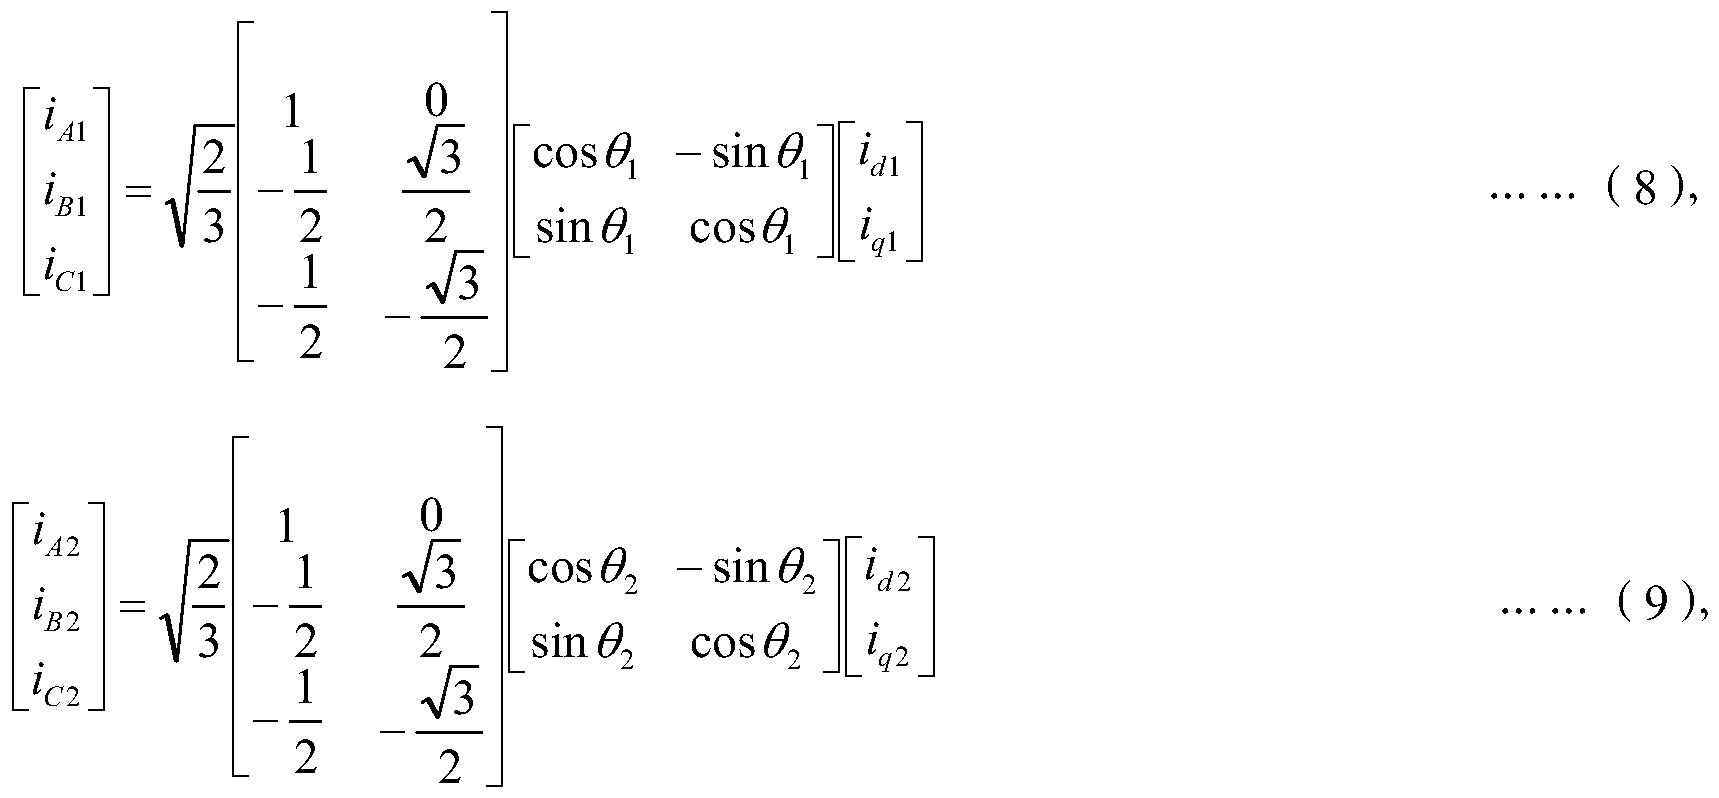 再用以下clarke逆变换公式(